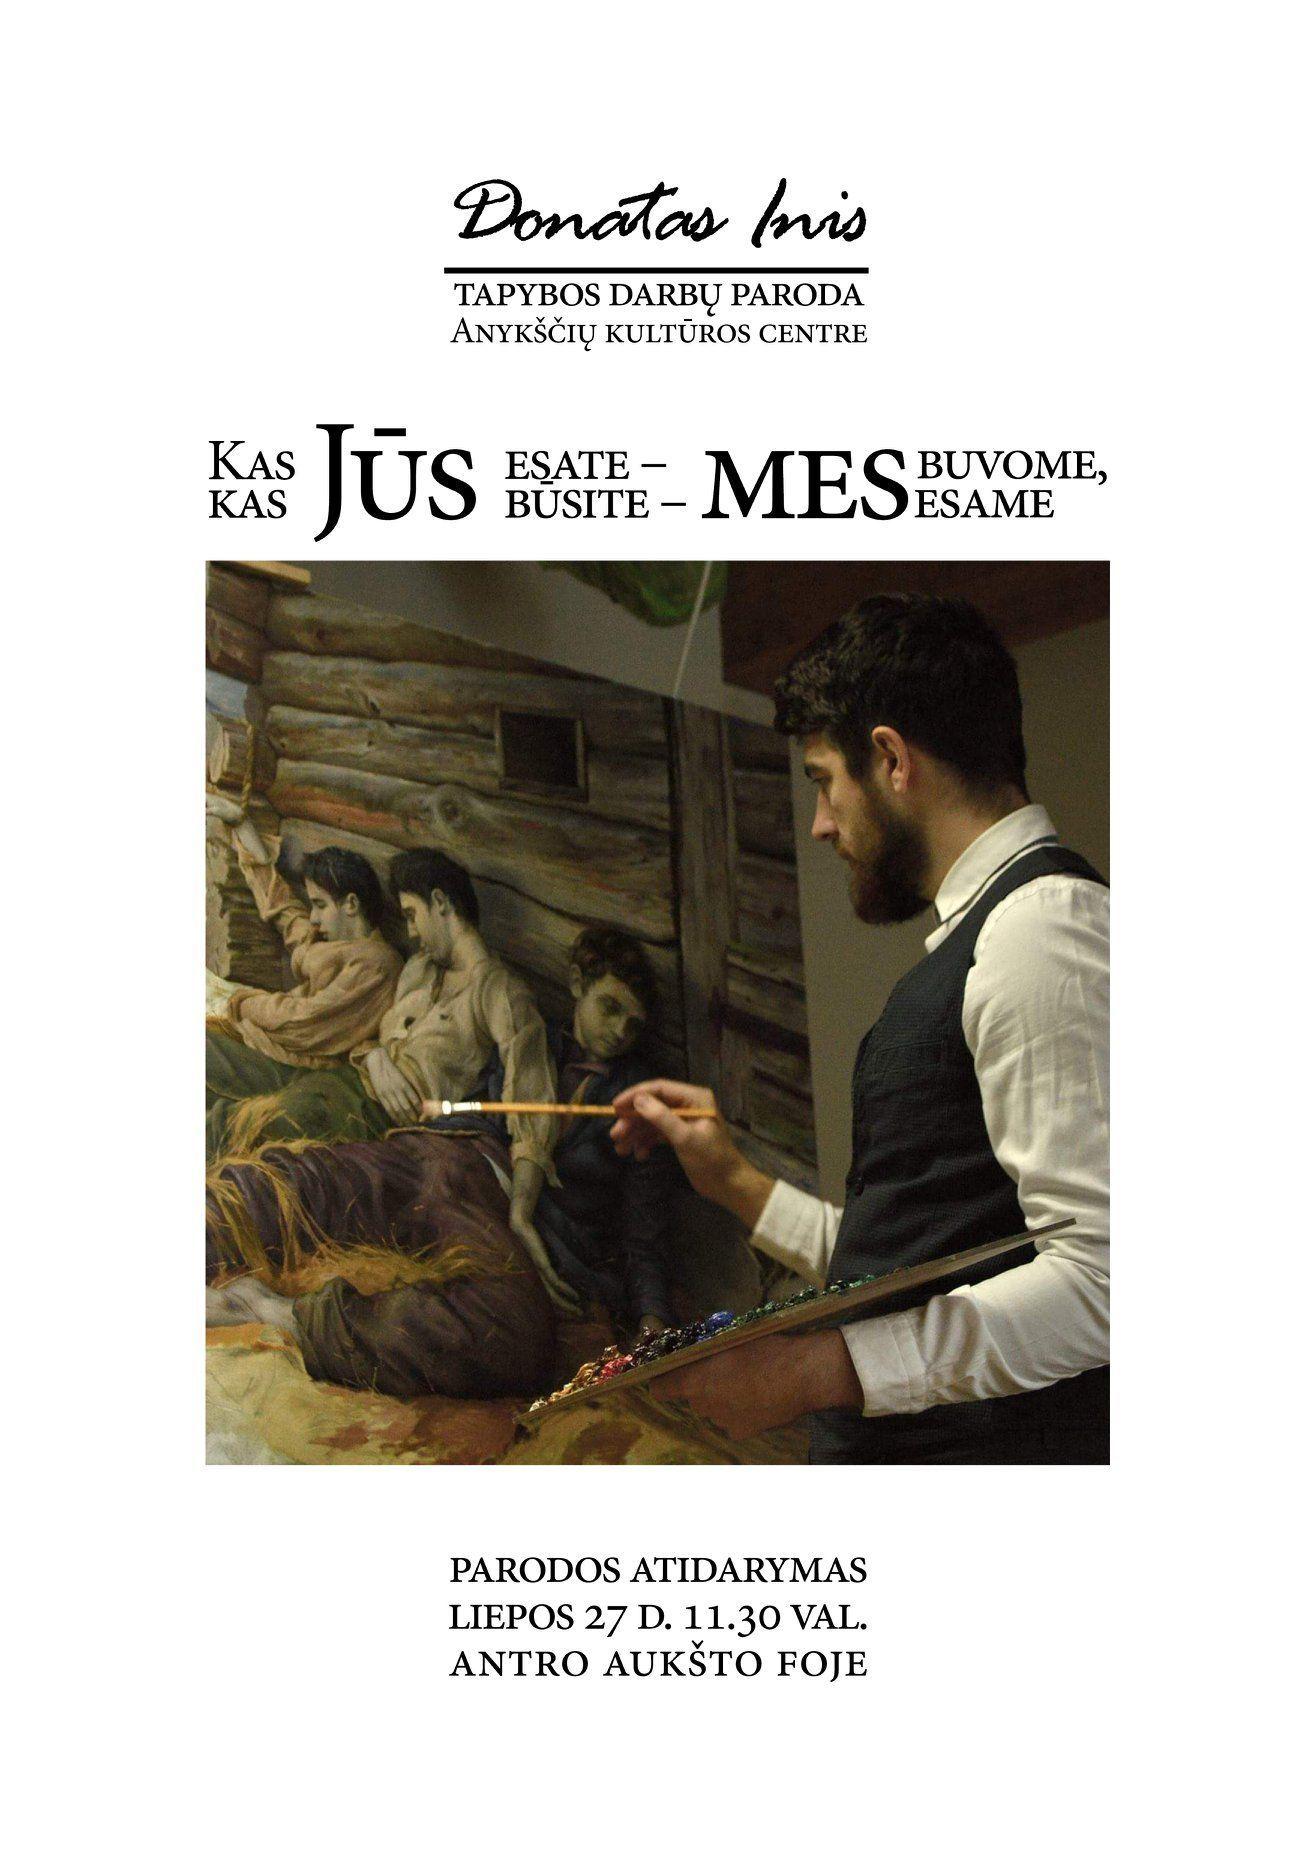 """Donato Inio tapybos darbų """"Kas jūs esate - mes buvome, kas jūs būsite - mes esame"""" parodos atidarymas"""